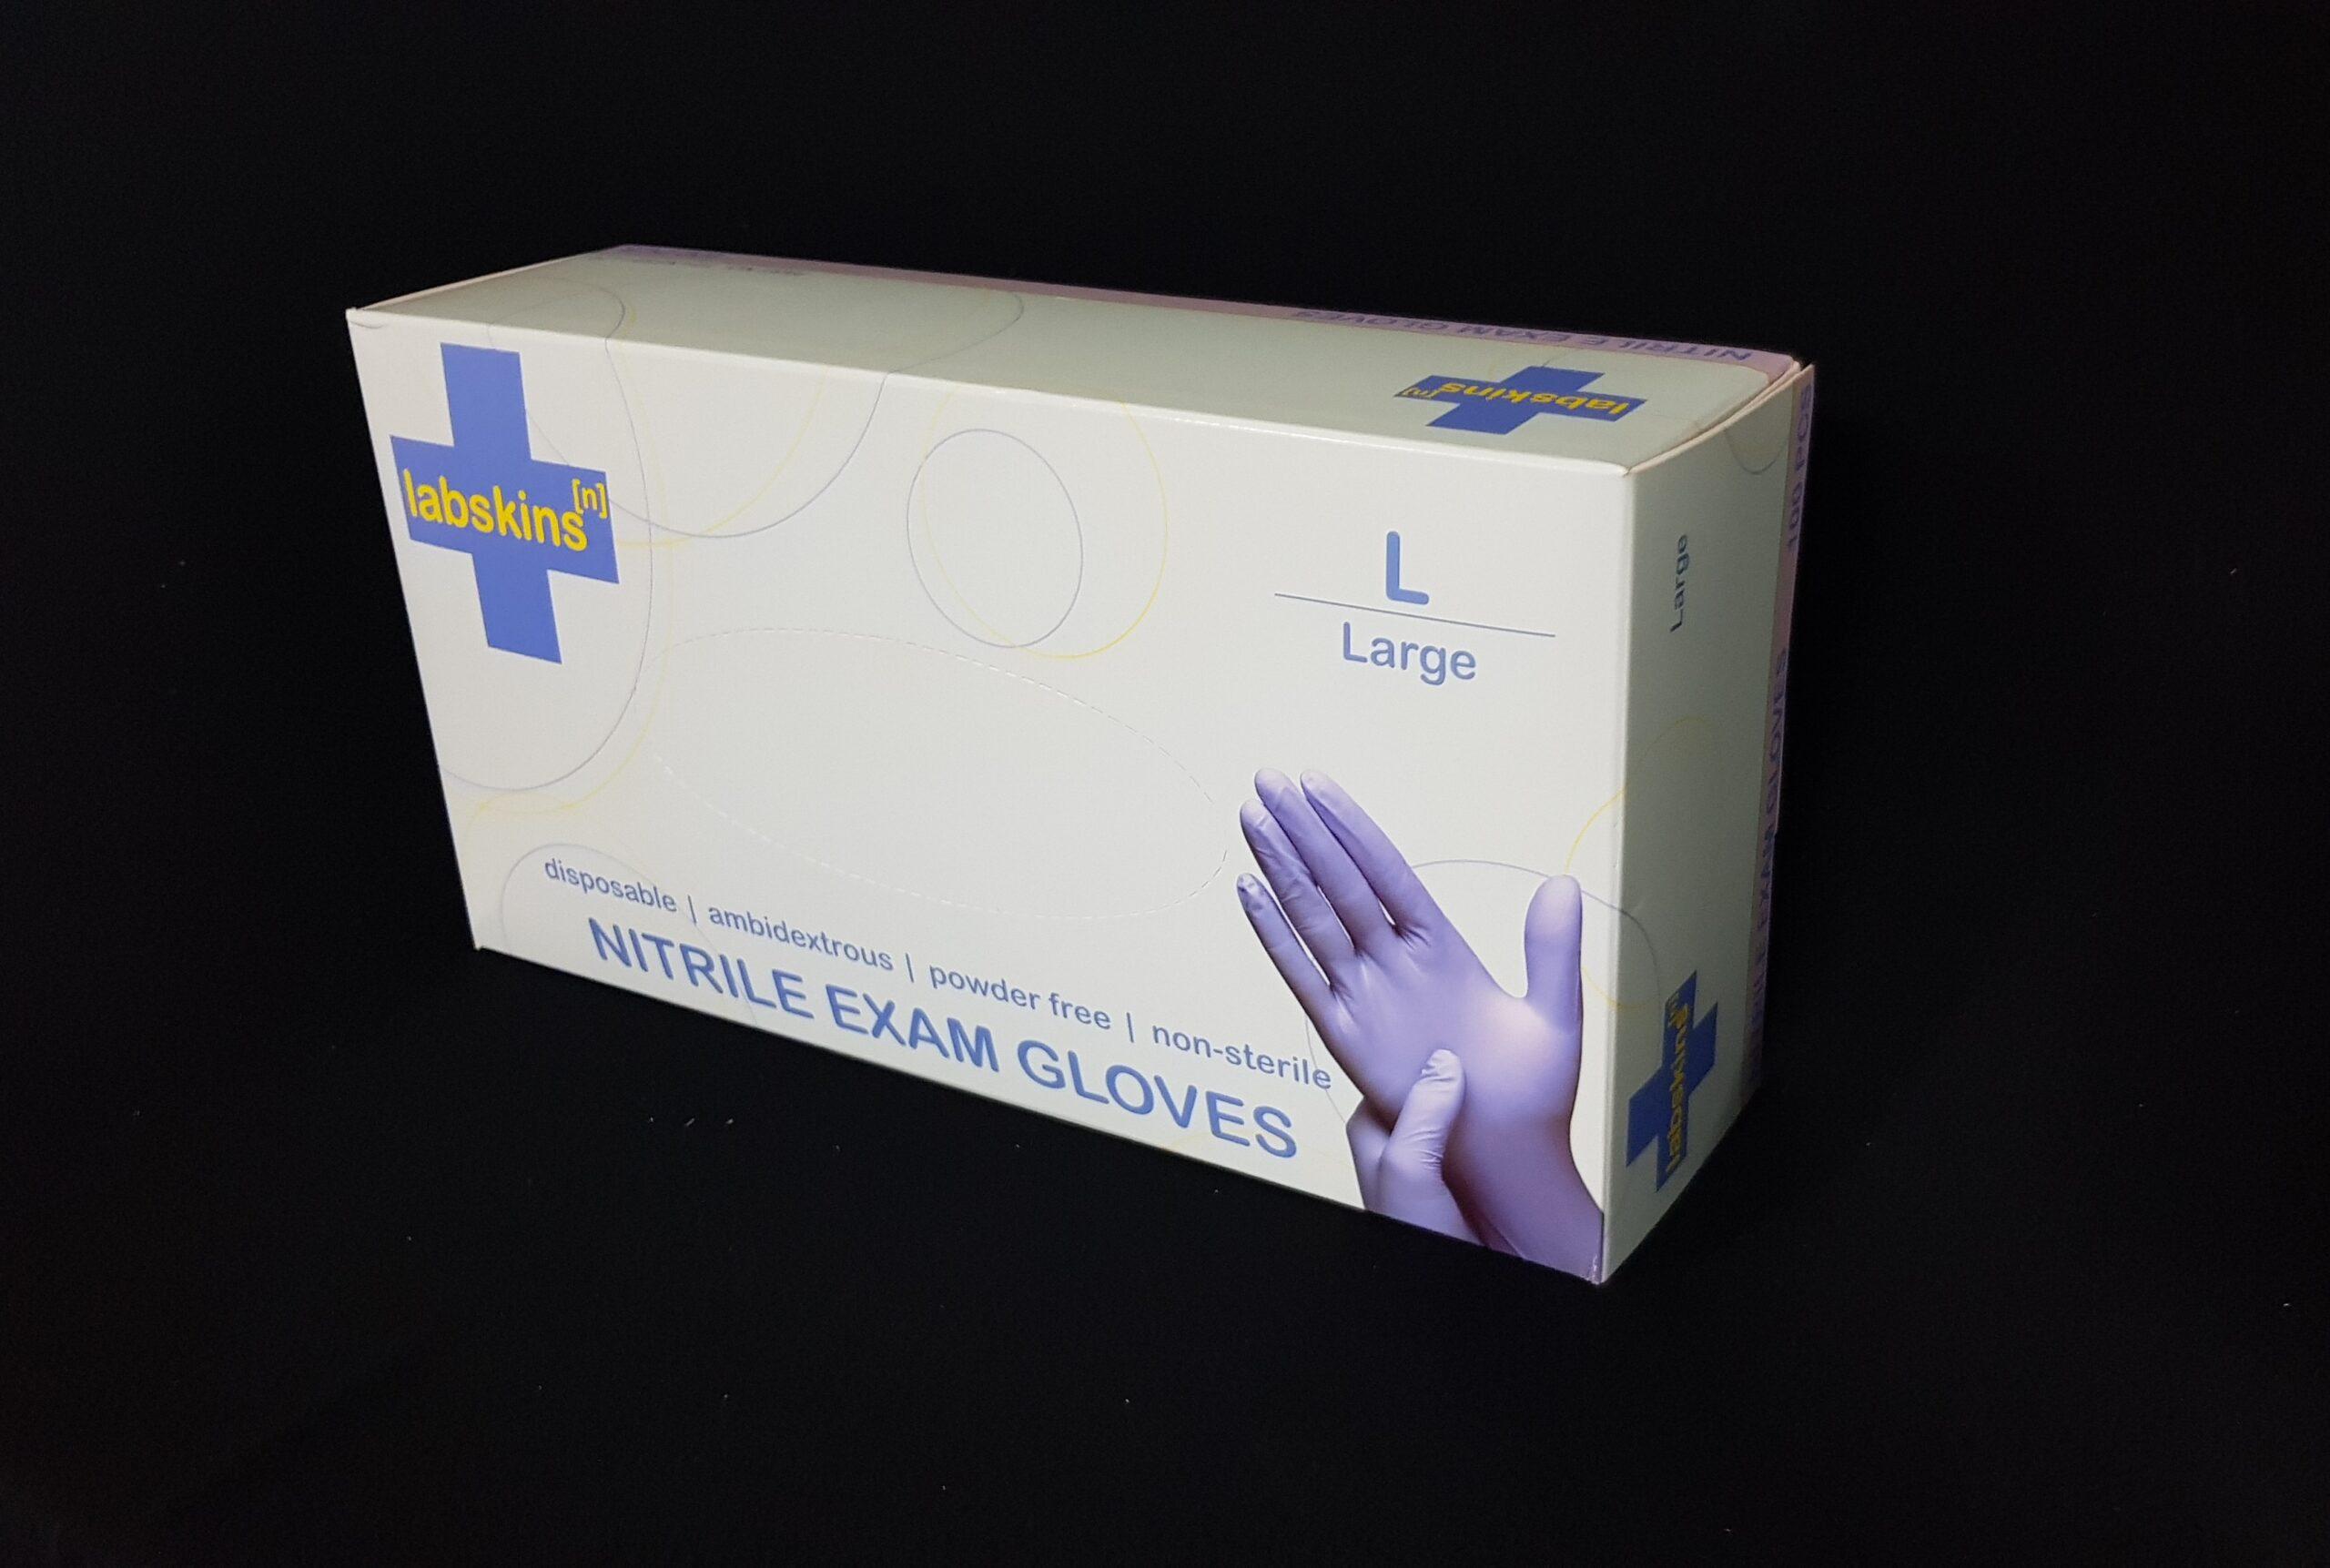 Labskins[n] Nitrile Gloves (4.5mil)